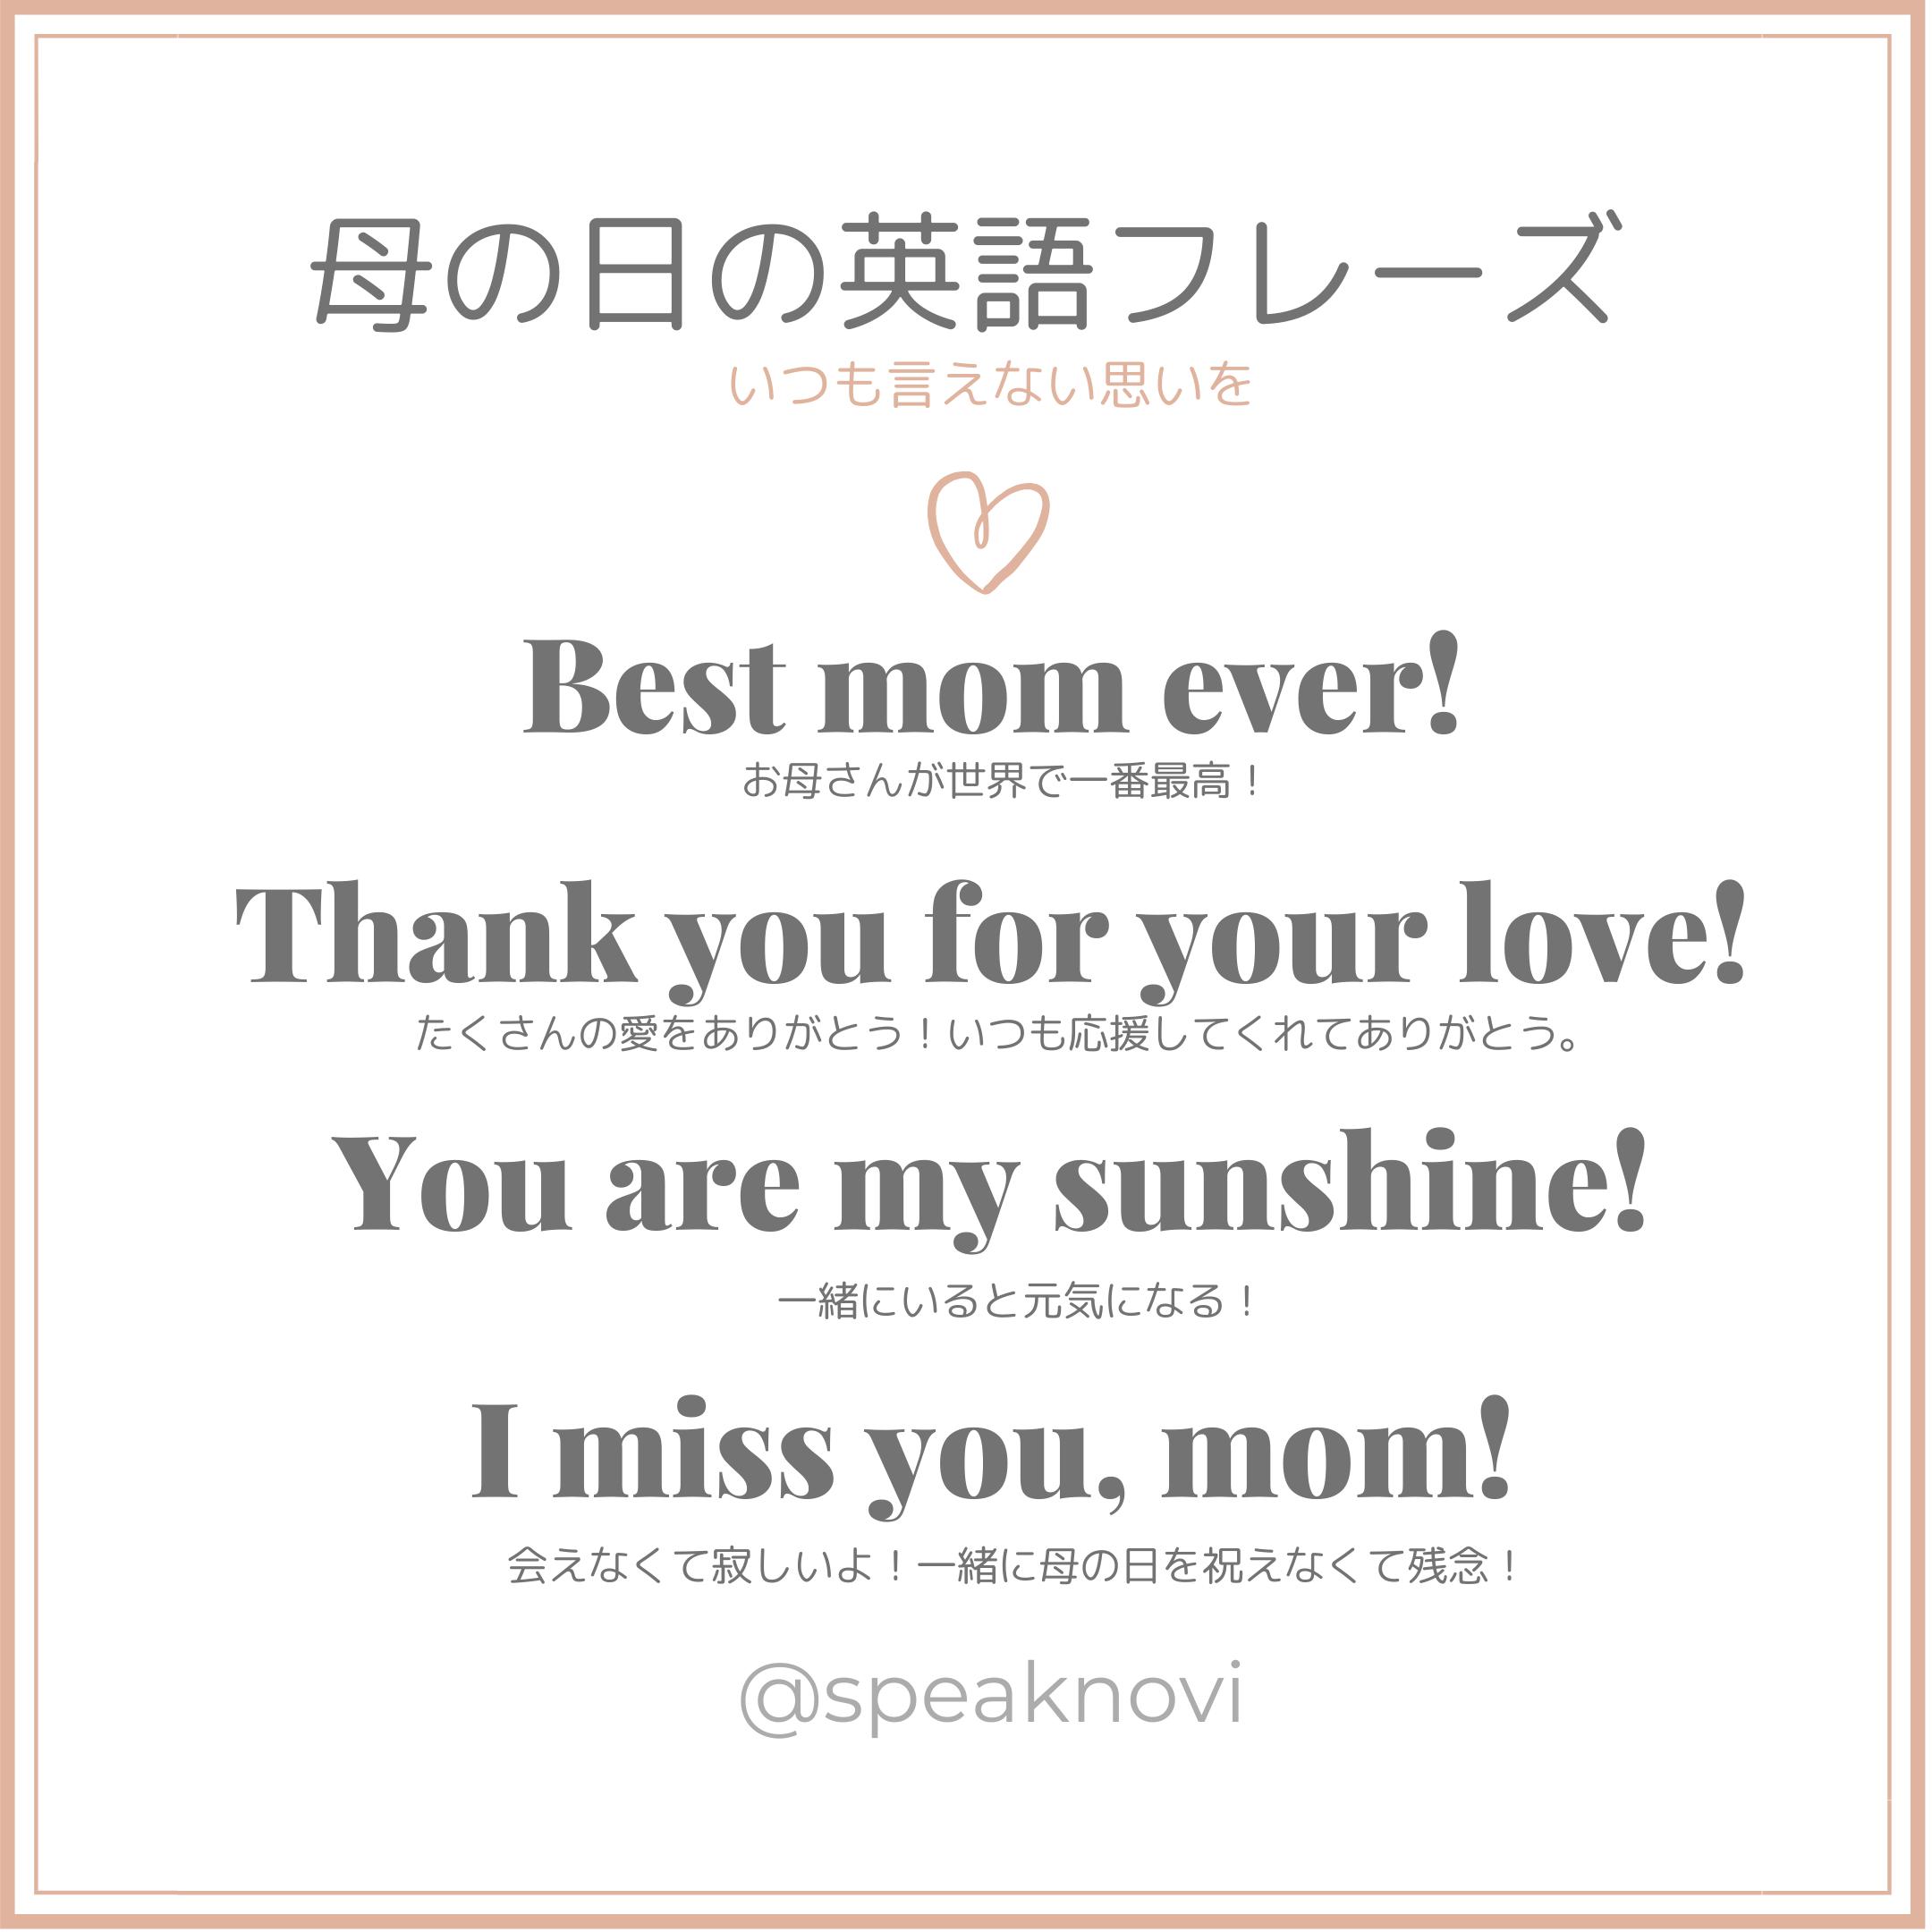 ありがとう 見つけ て くれ 英語 て